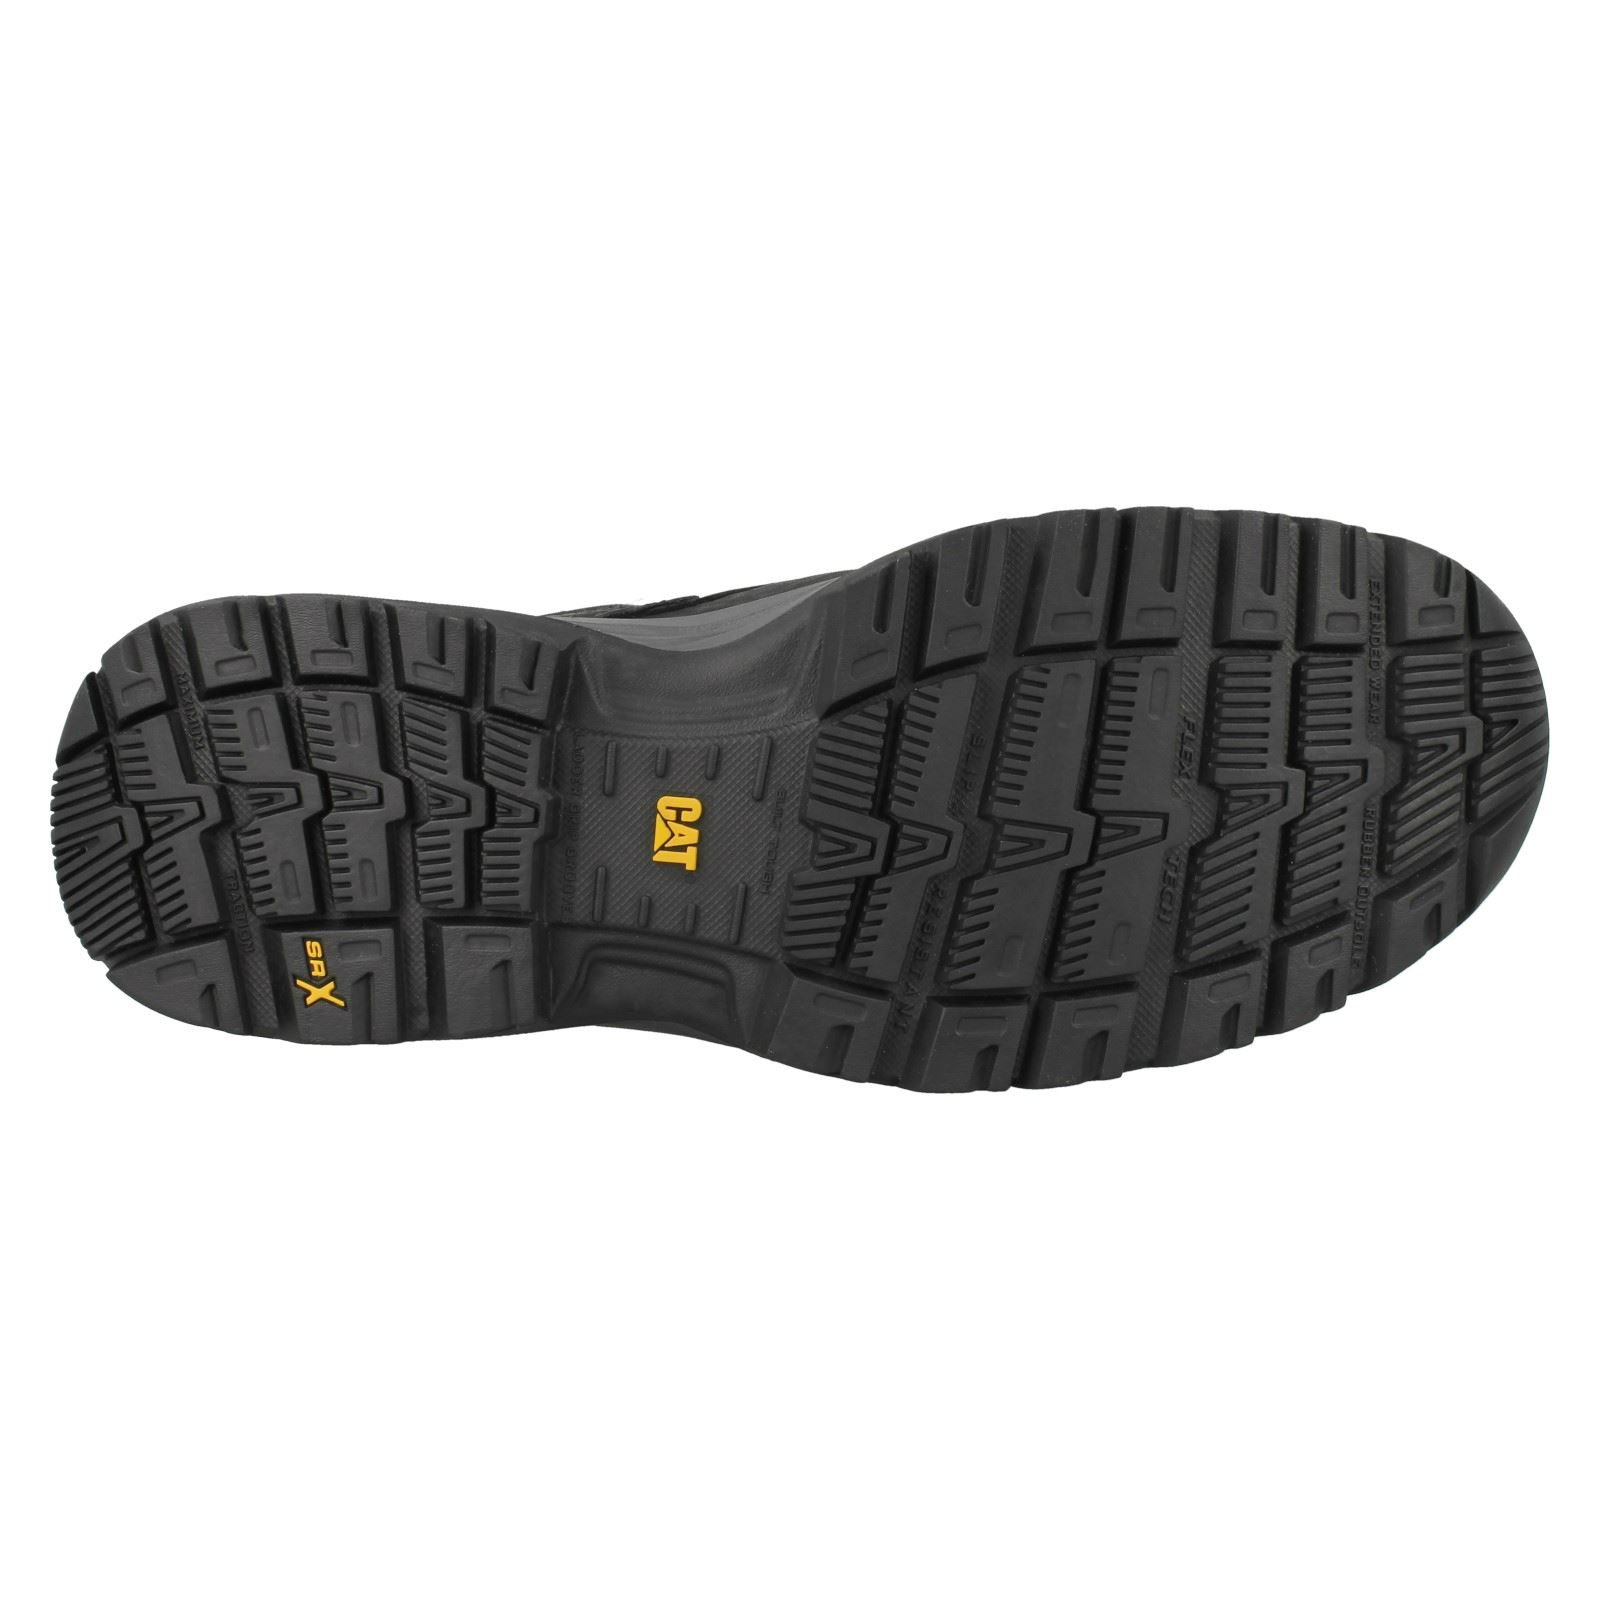 Damen Caterpillar Stiefel Stiefel Stiefel mit Stahlkappen Dryverse P306996 f1637f